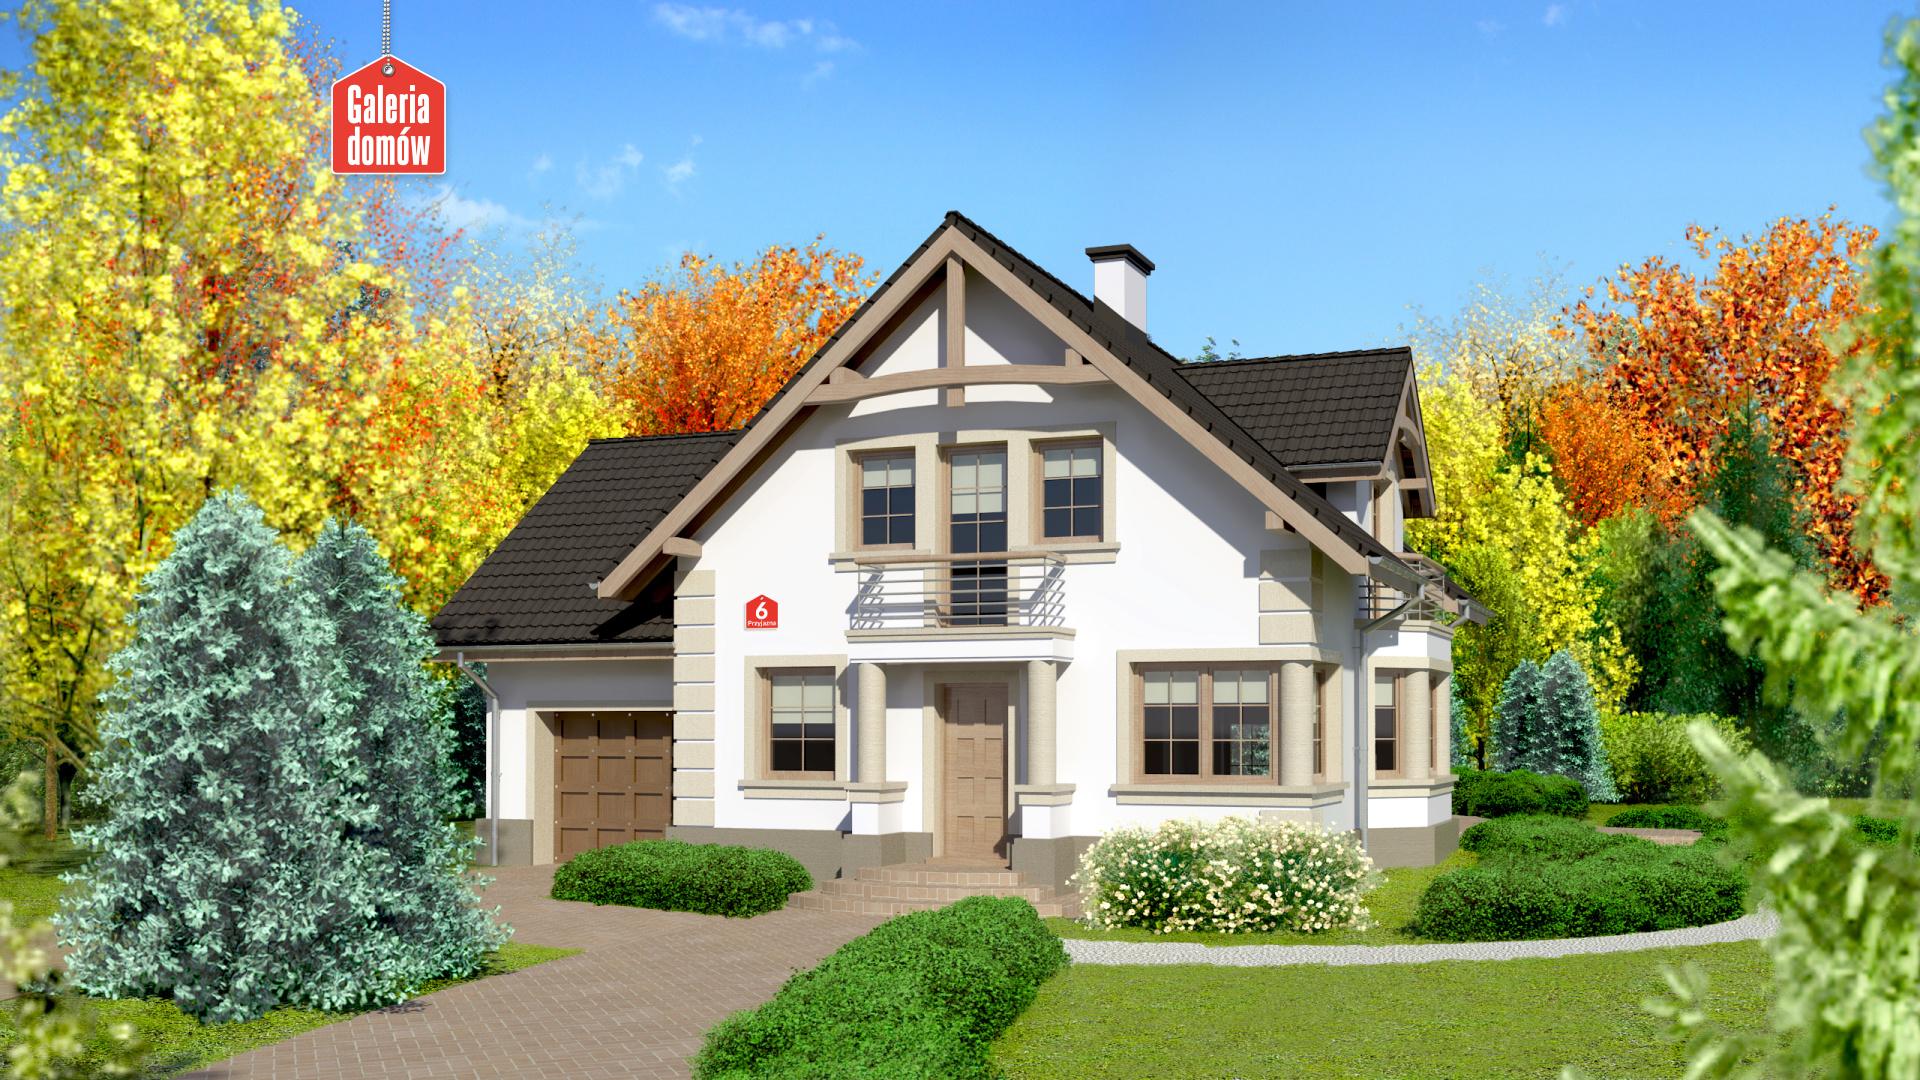 Dom przy Przyjaznej 6 - zdjęcie projektu i wizualizacja